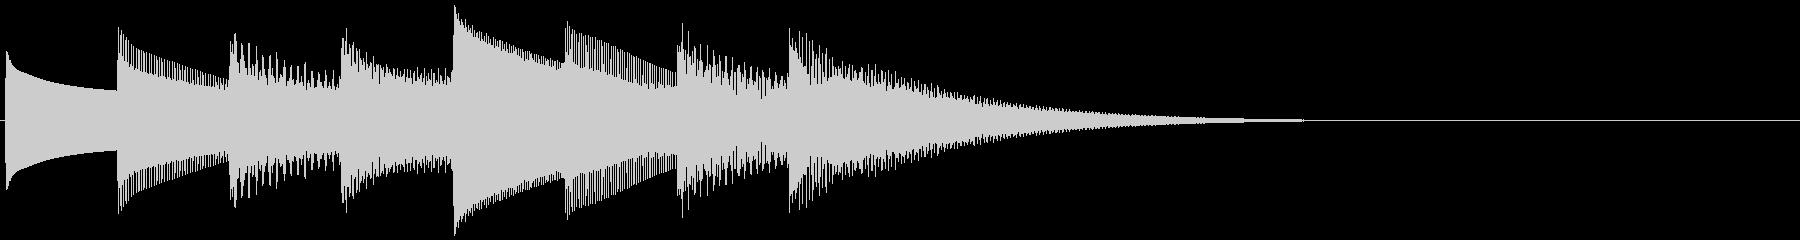 キーンコーンカーンコーン(学校チャイム…の未再生の波形